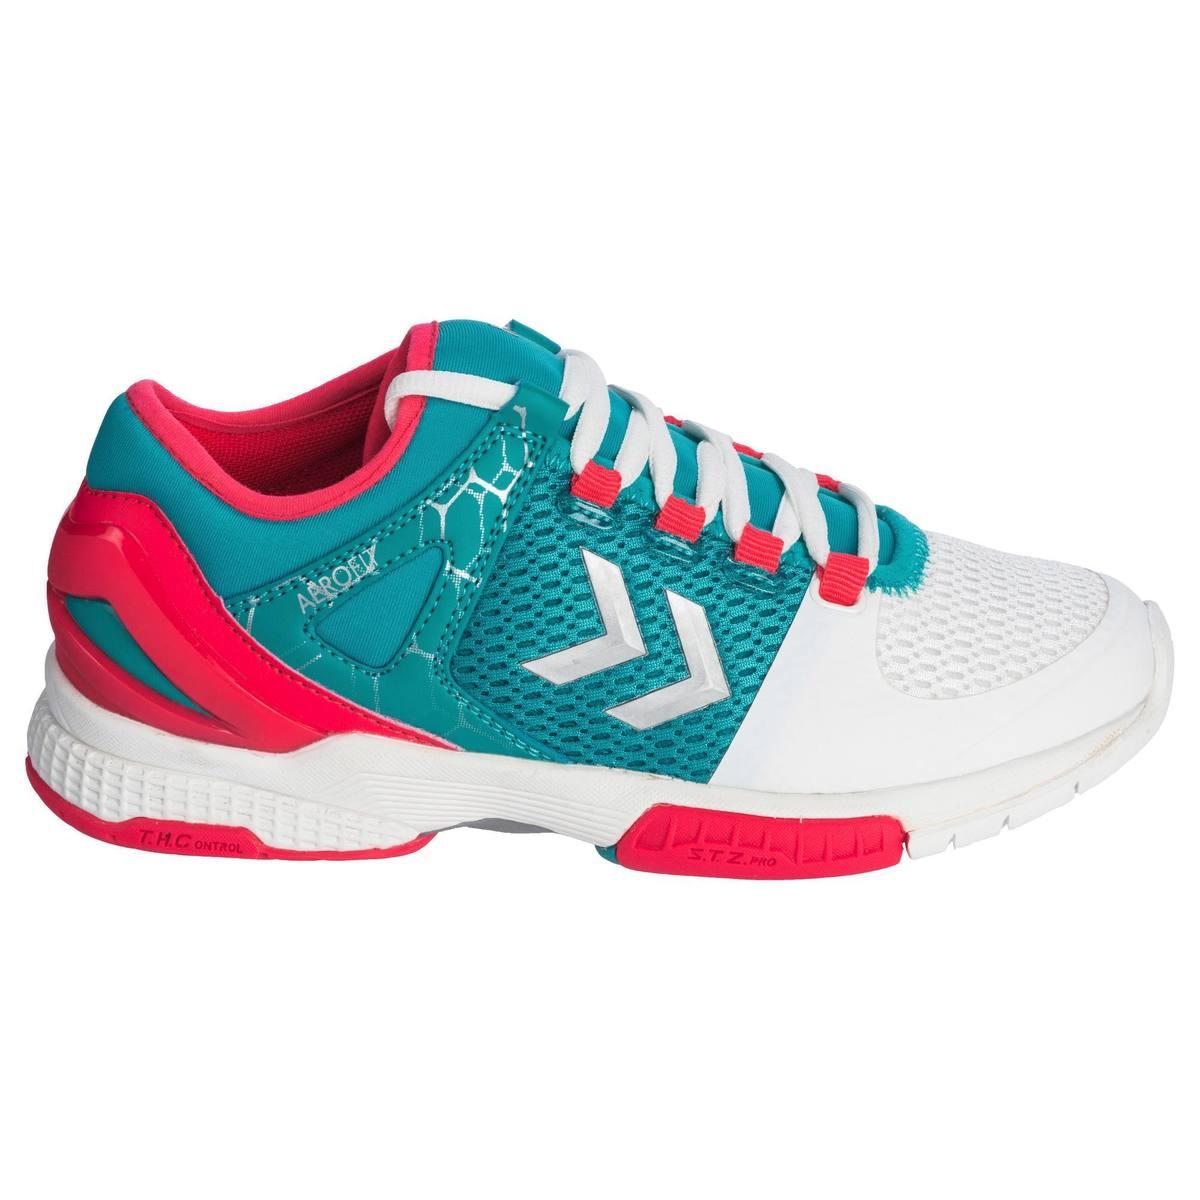 Bild 2 von Handballschuhe HB200 Aerocharge Damen grün/pink